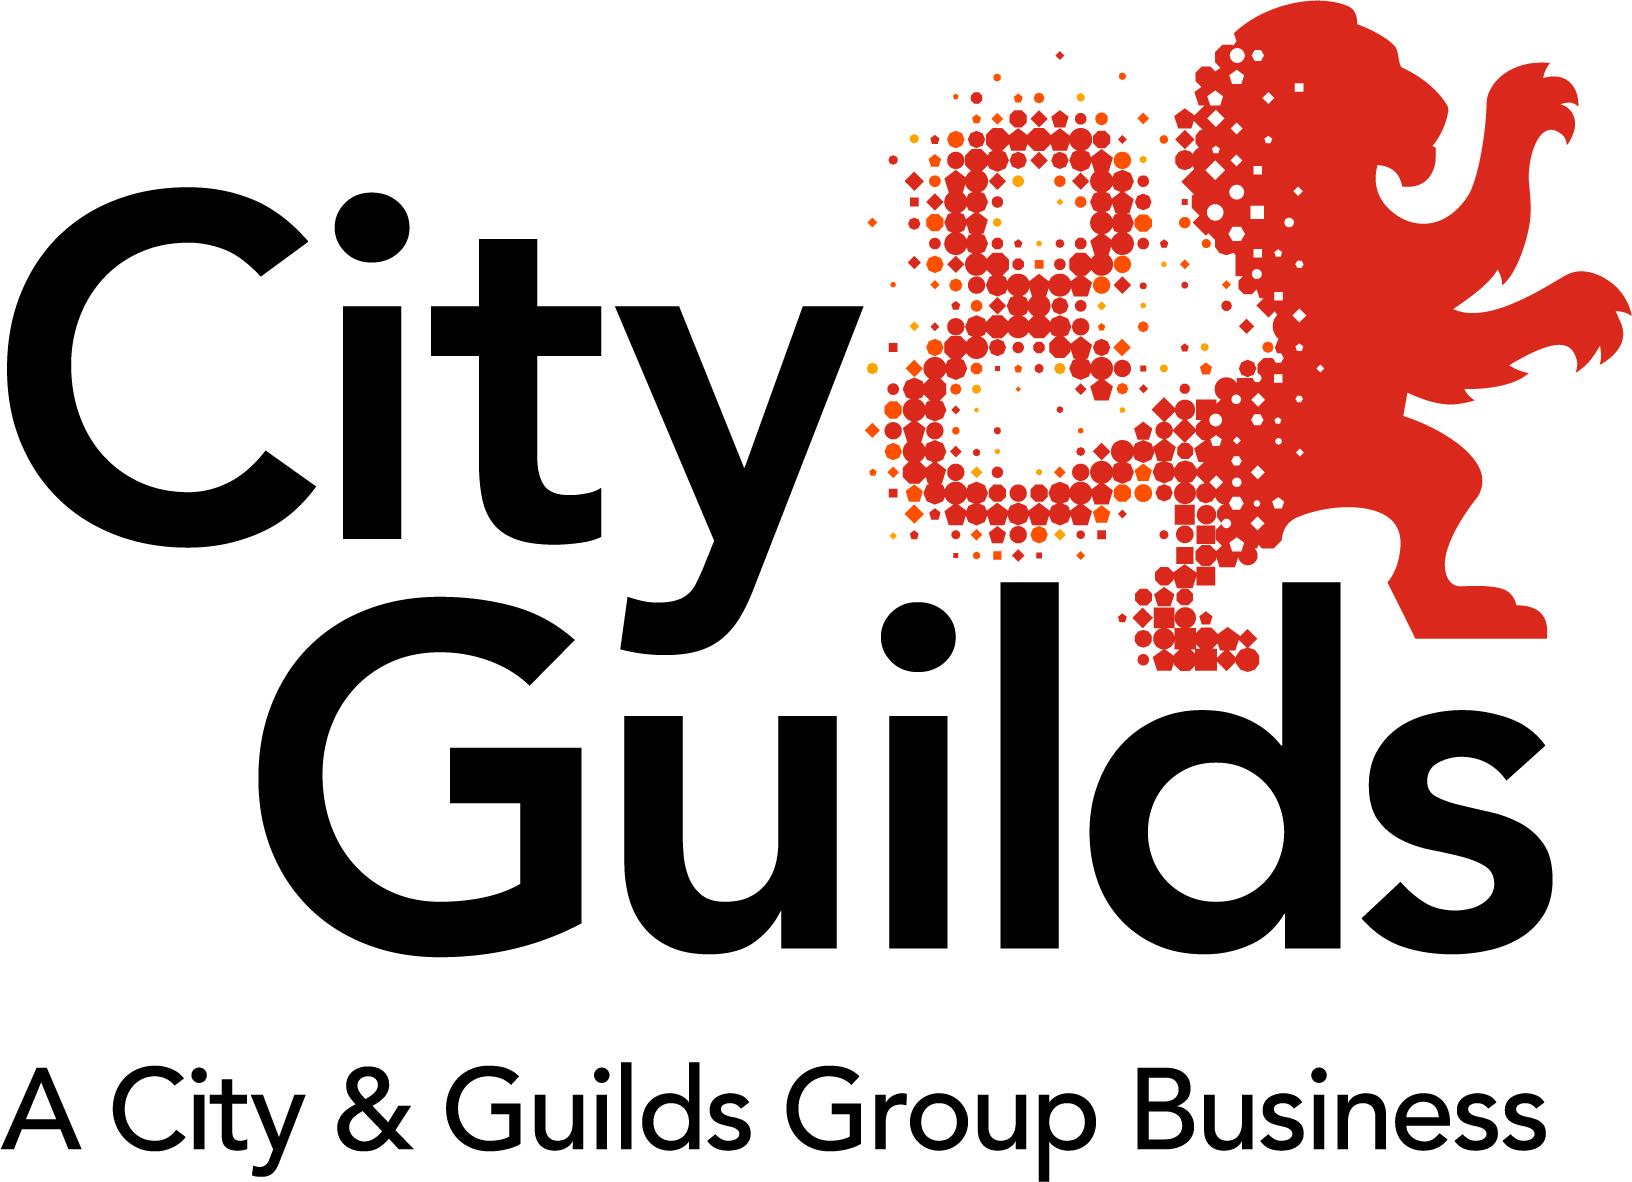 City & Guilds sponsor of the 2021 International e-Assessment Awards